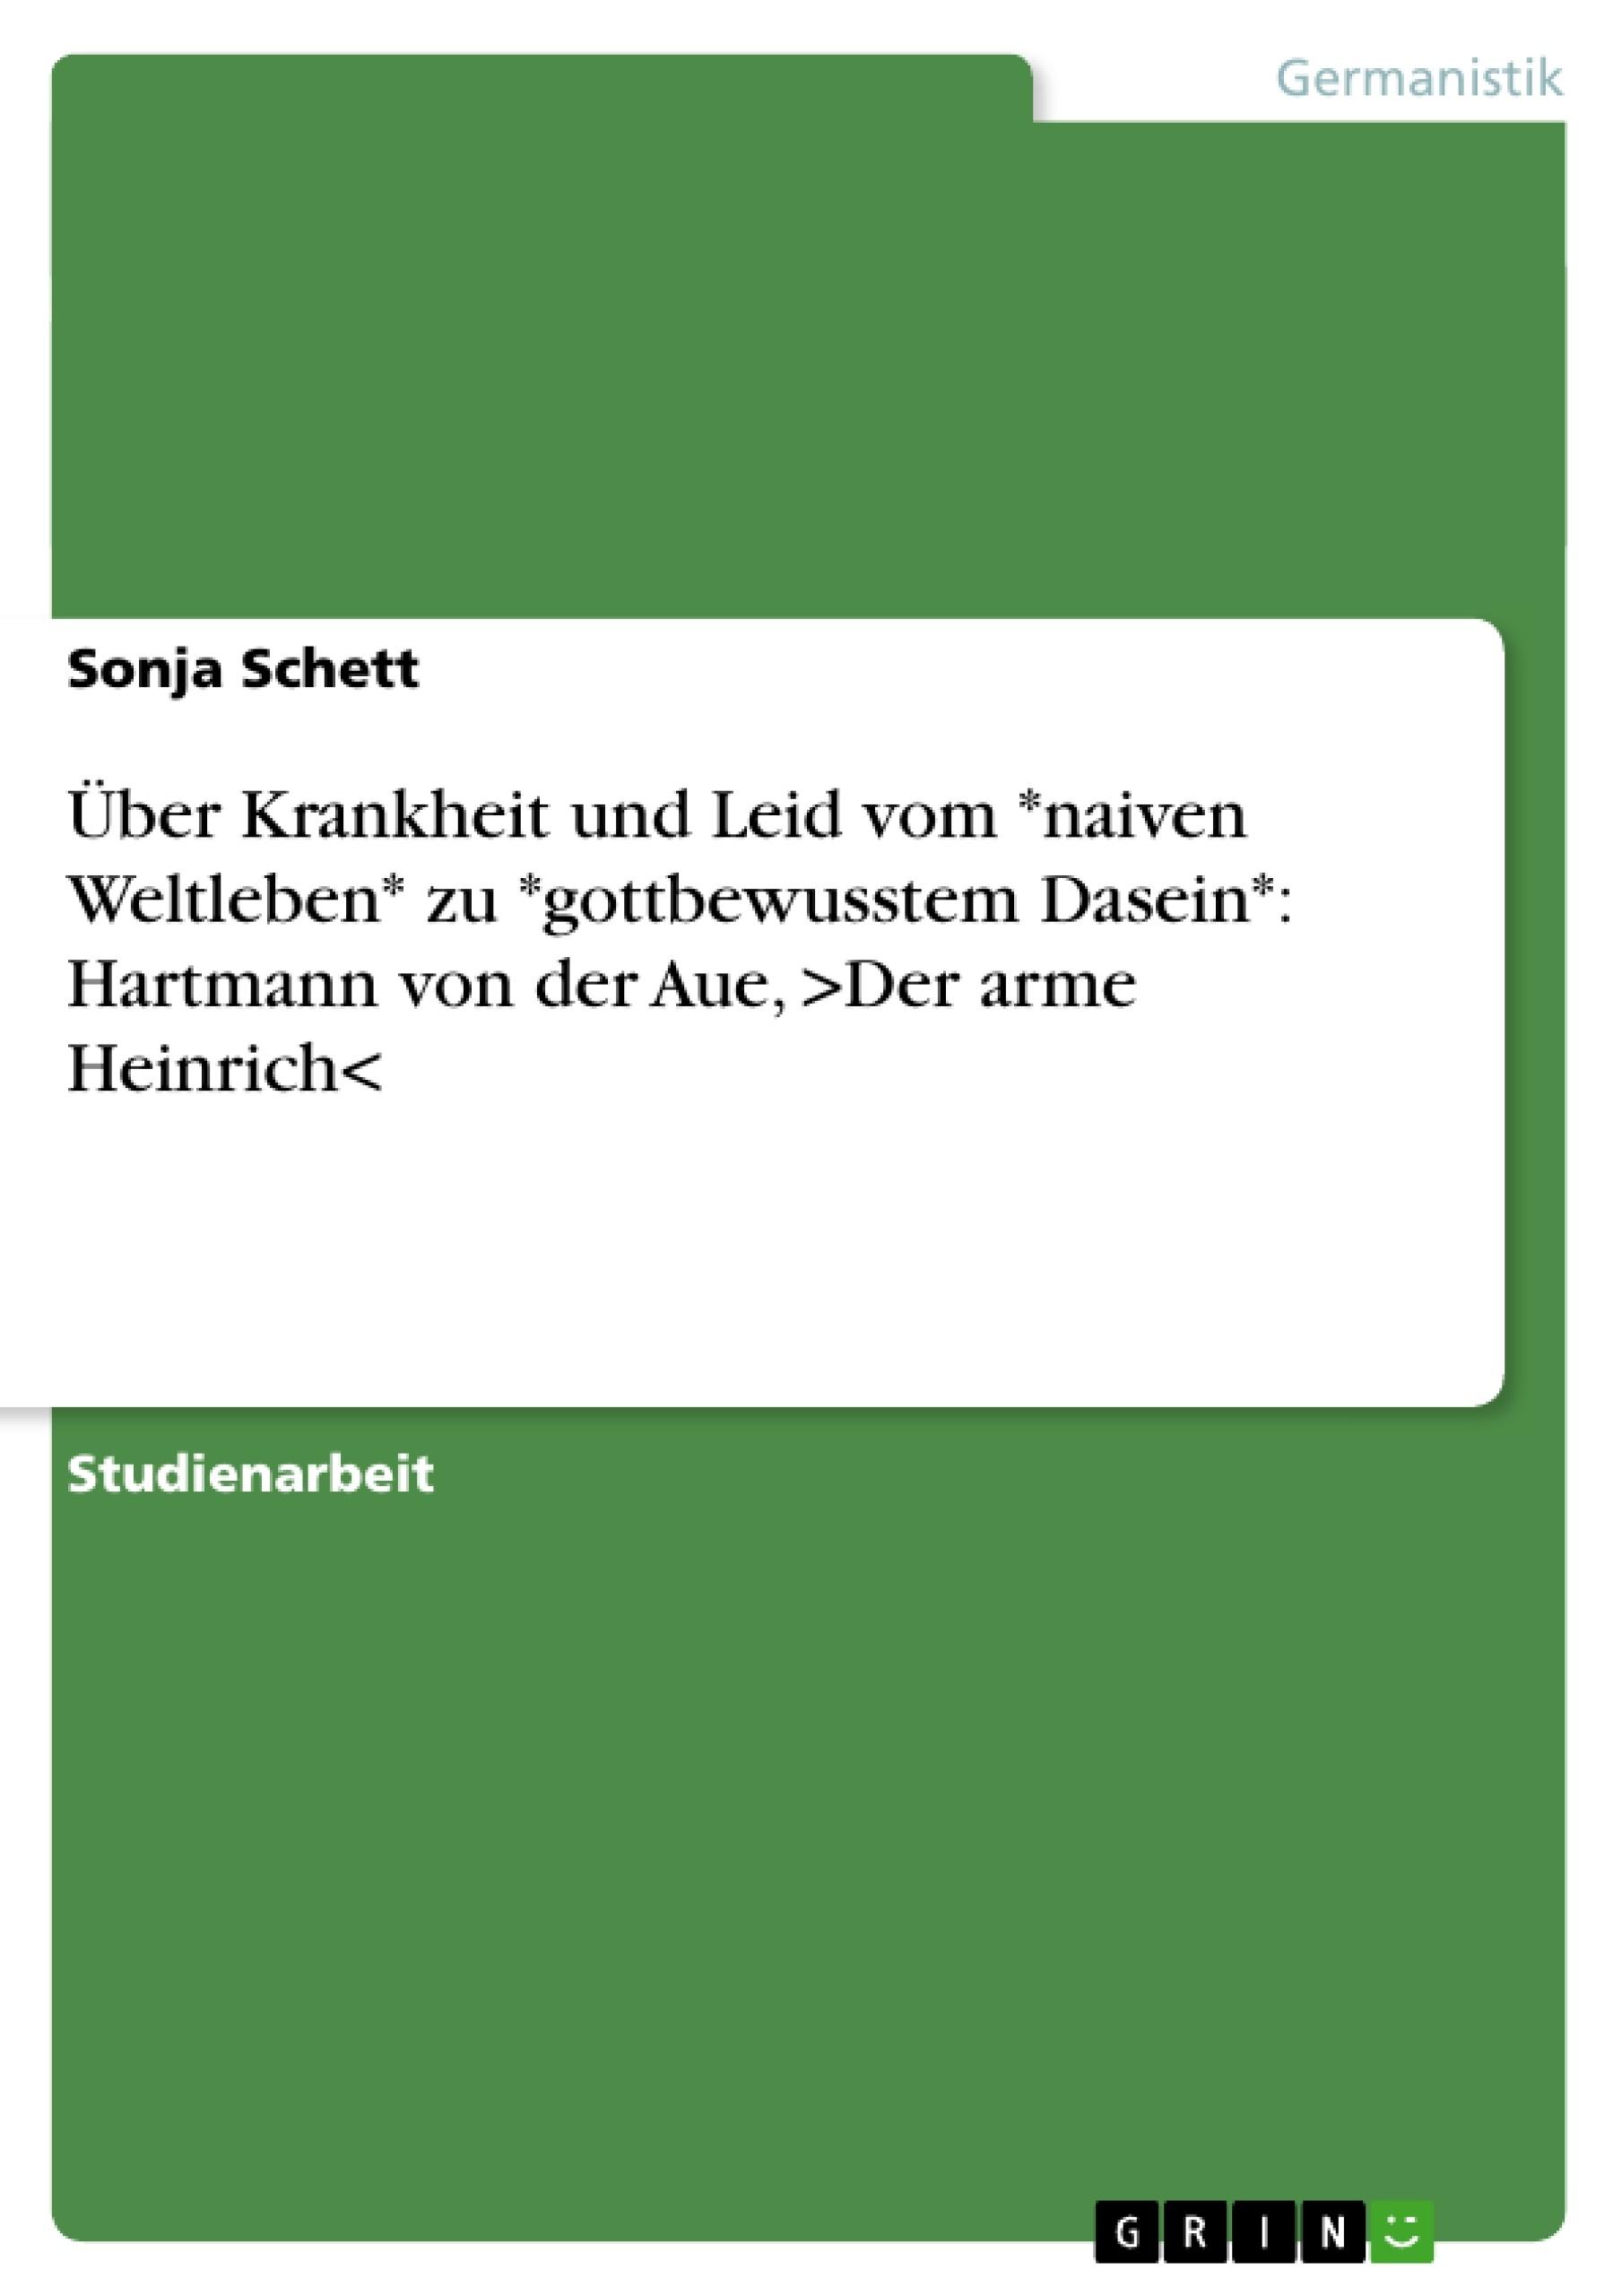 Titel: Über Krankheit und Leid vom *naiven Weltleben* zu *gottbewusstem Dasein*: Hartmann von der Aue, >Der arme Heinrich<